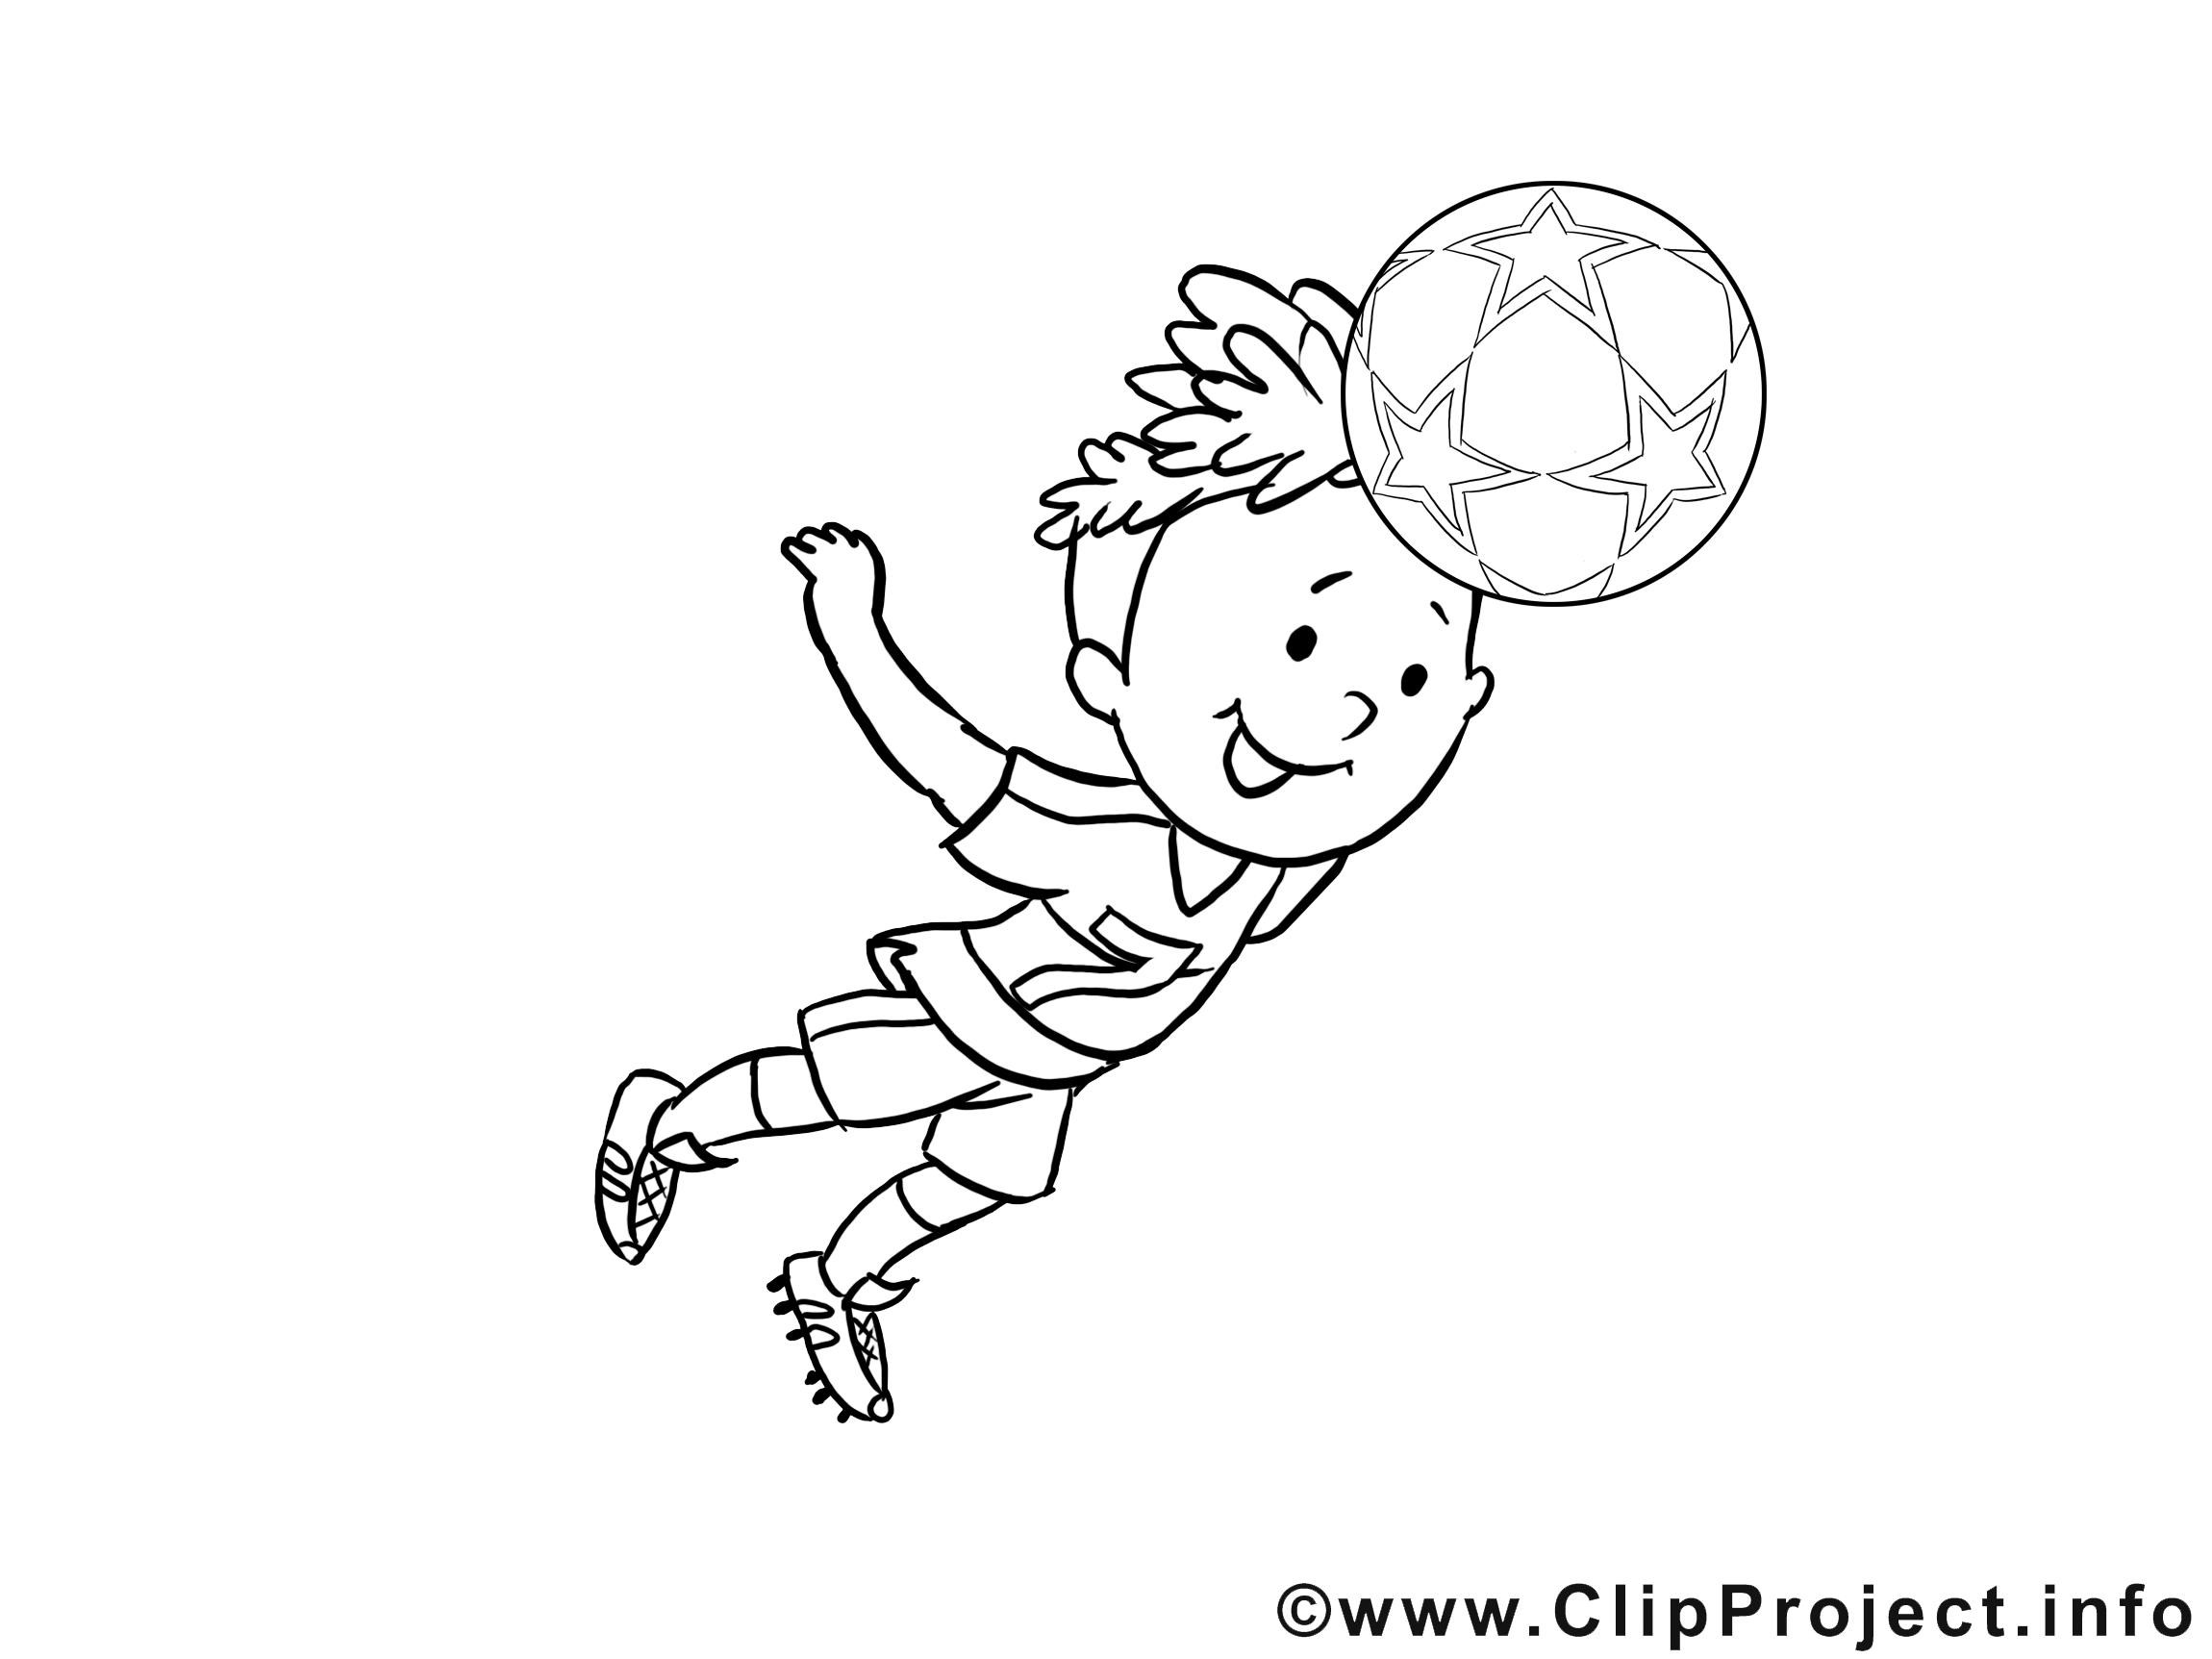 Kindermalvorlage Kind Spielt Fussball bei Kindermalvorlage